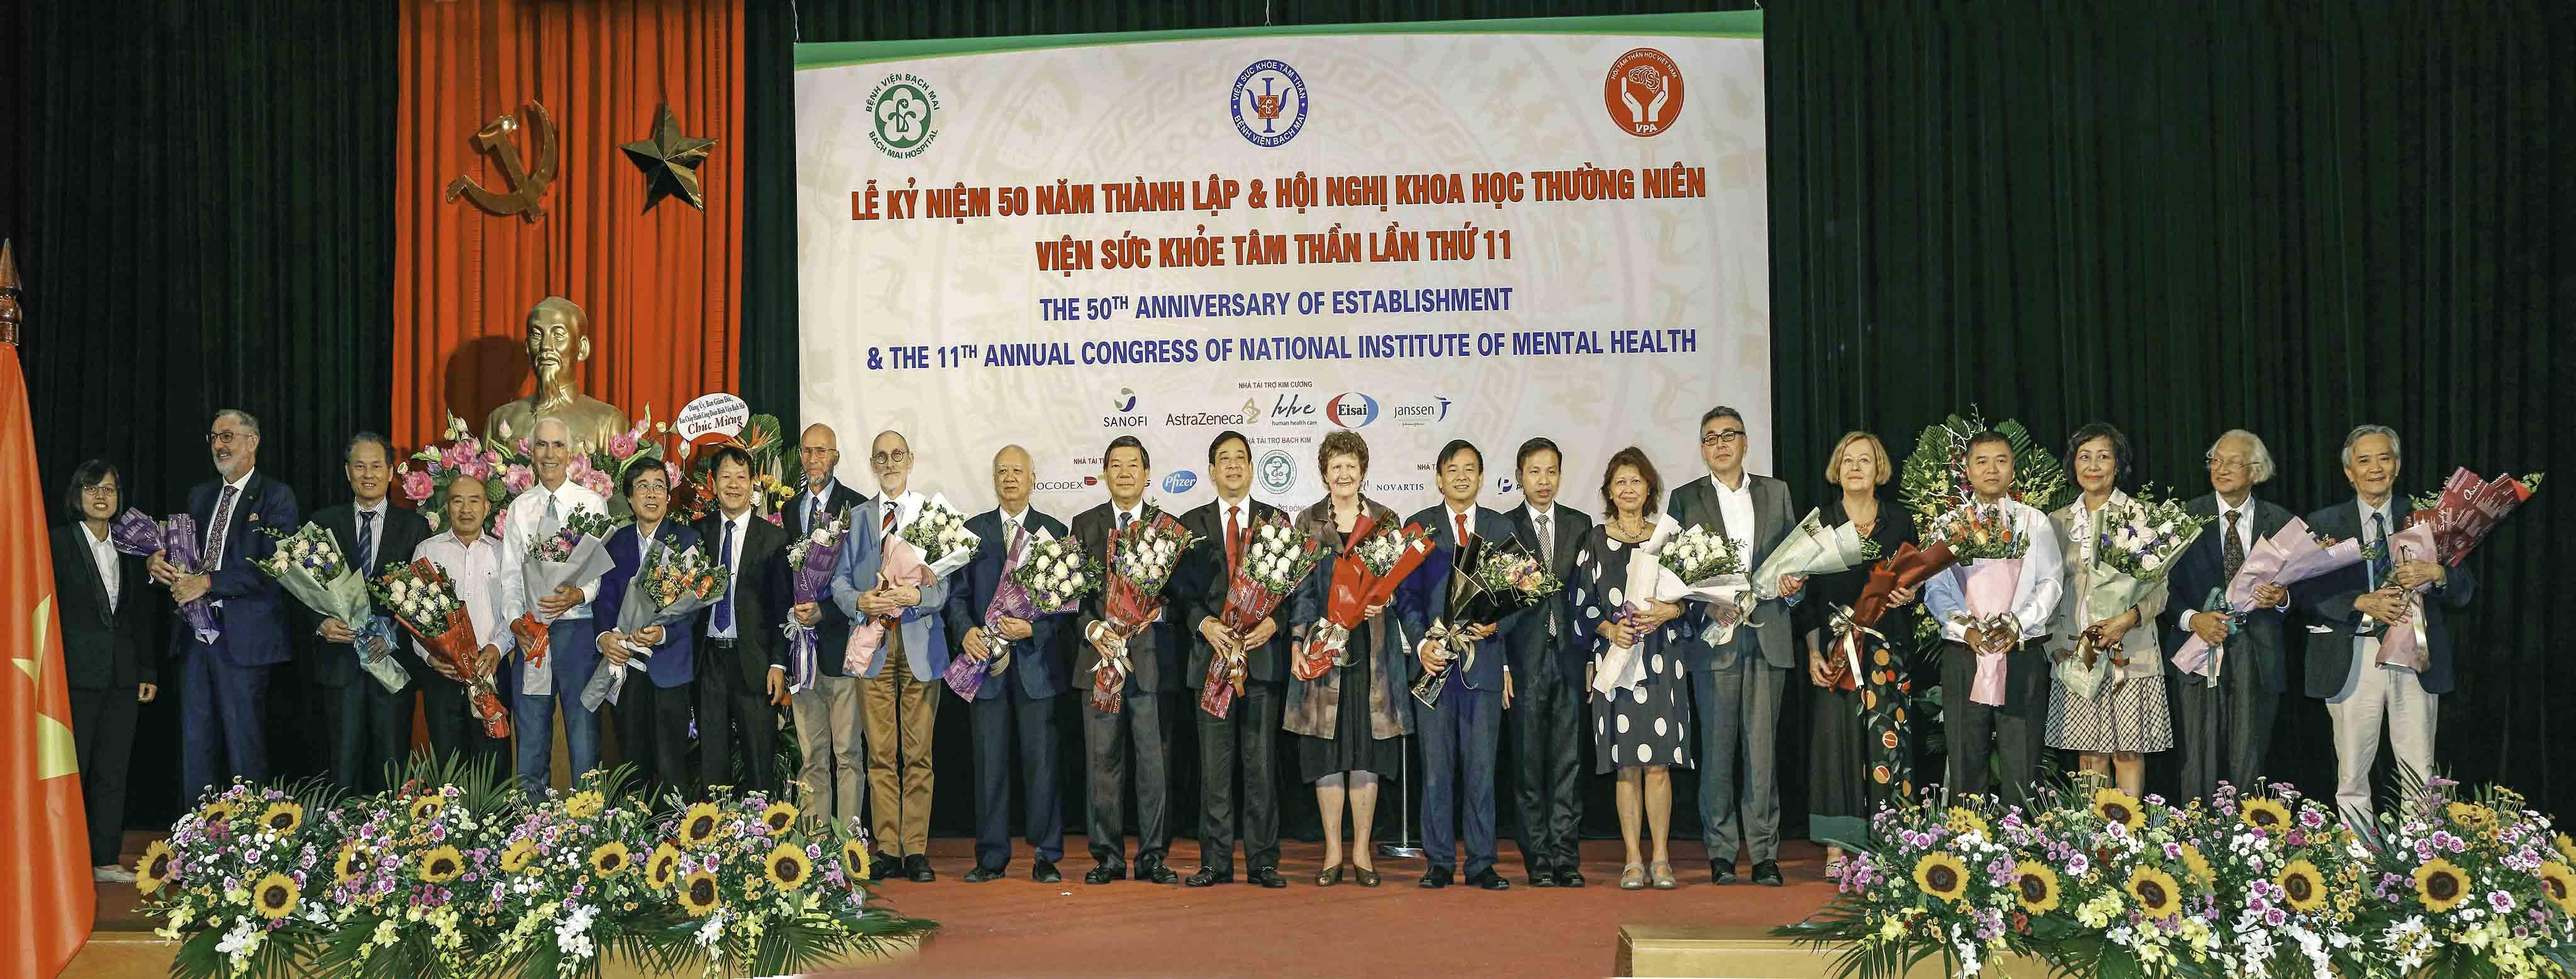 Viện Sức khỏe Tâm thần tổ chức Lễ Kỷ niệm 50 năm thành lập